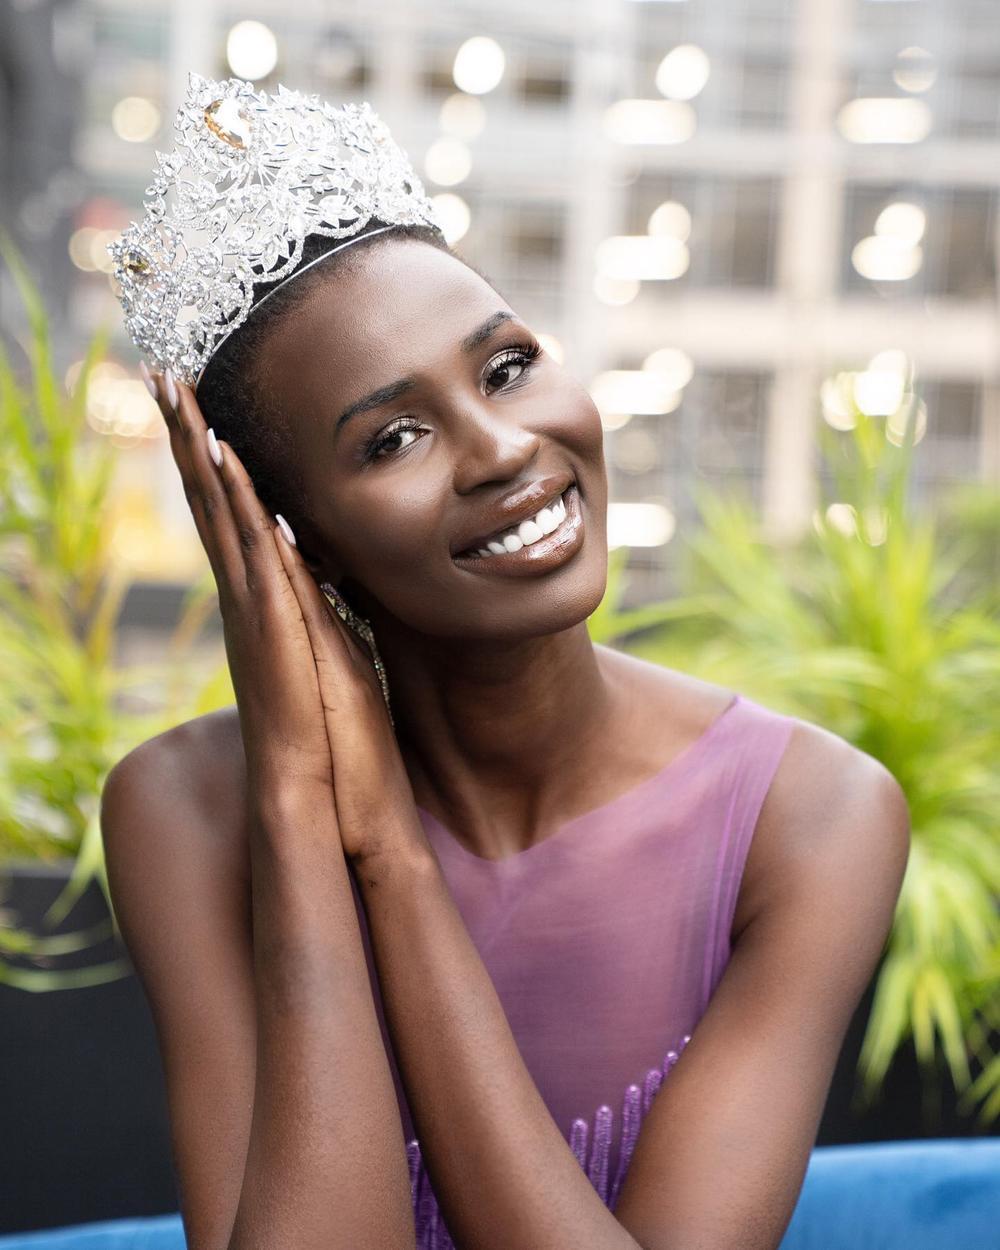 Fan khó hiểu khi Global Beauties tiếp tục đánh rớt Khánh Vân khỏi Top 11 Super tại Miss Universe 2020 Ảnh 5